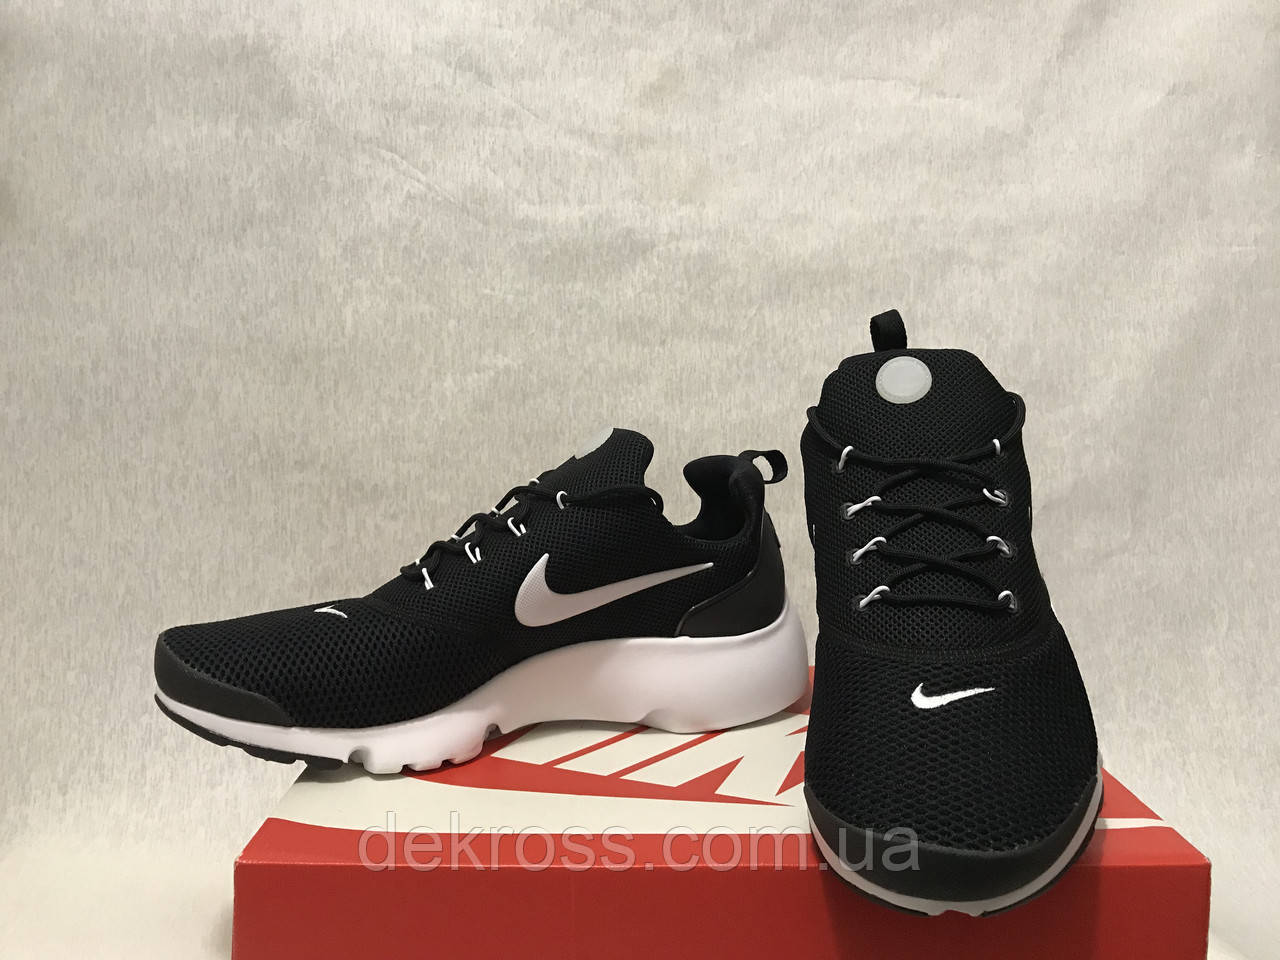 Кроссовки Nike Presto Fly Оригинал 908019-002  продажа db3705d3a9b99